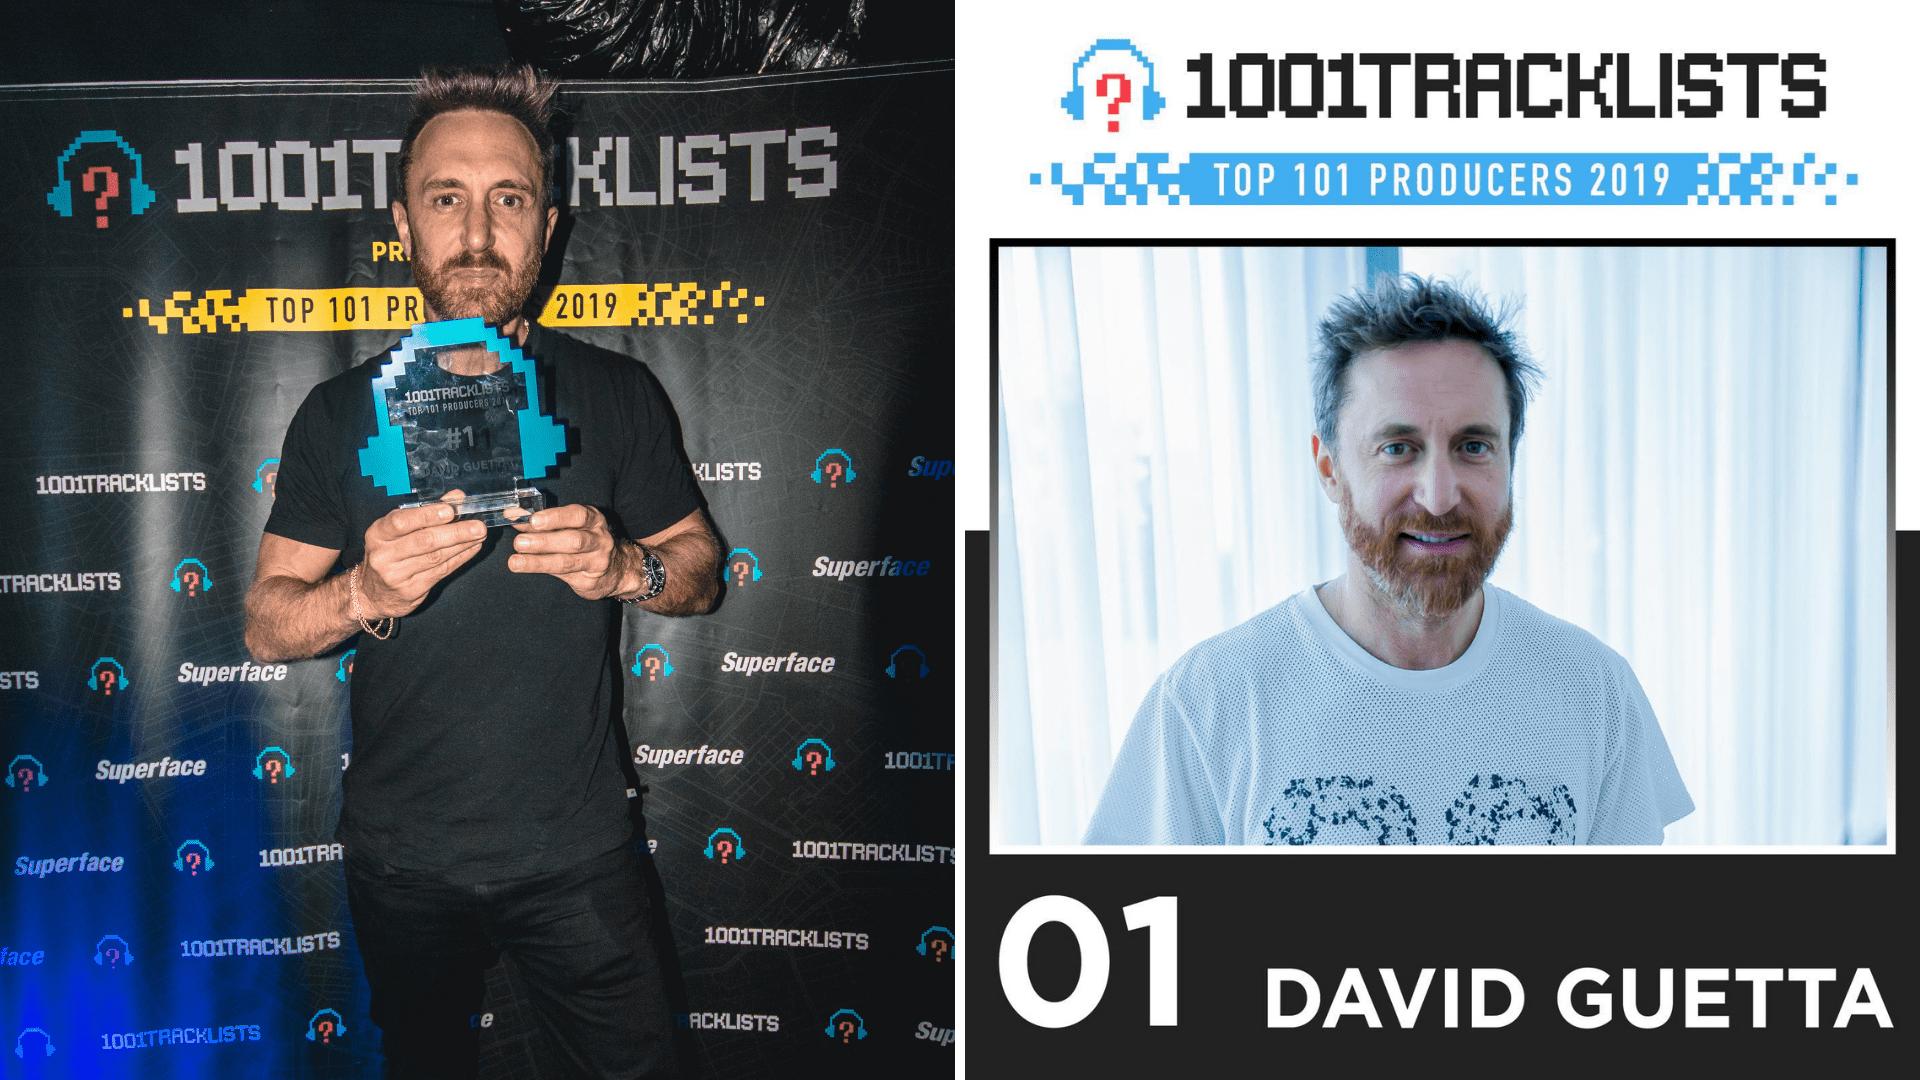 David Guetta 1001tracklists